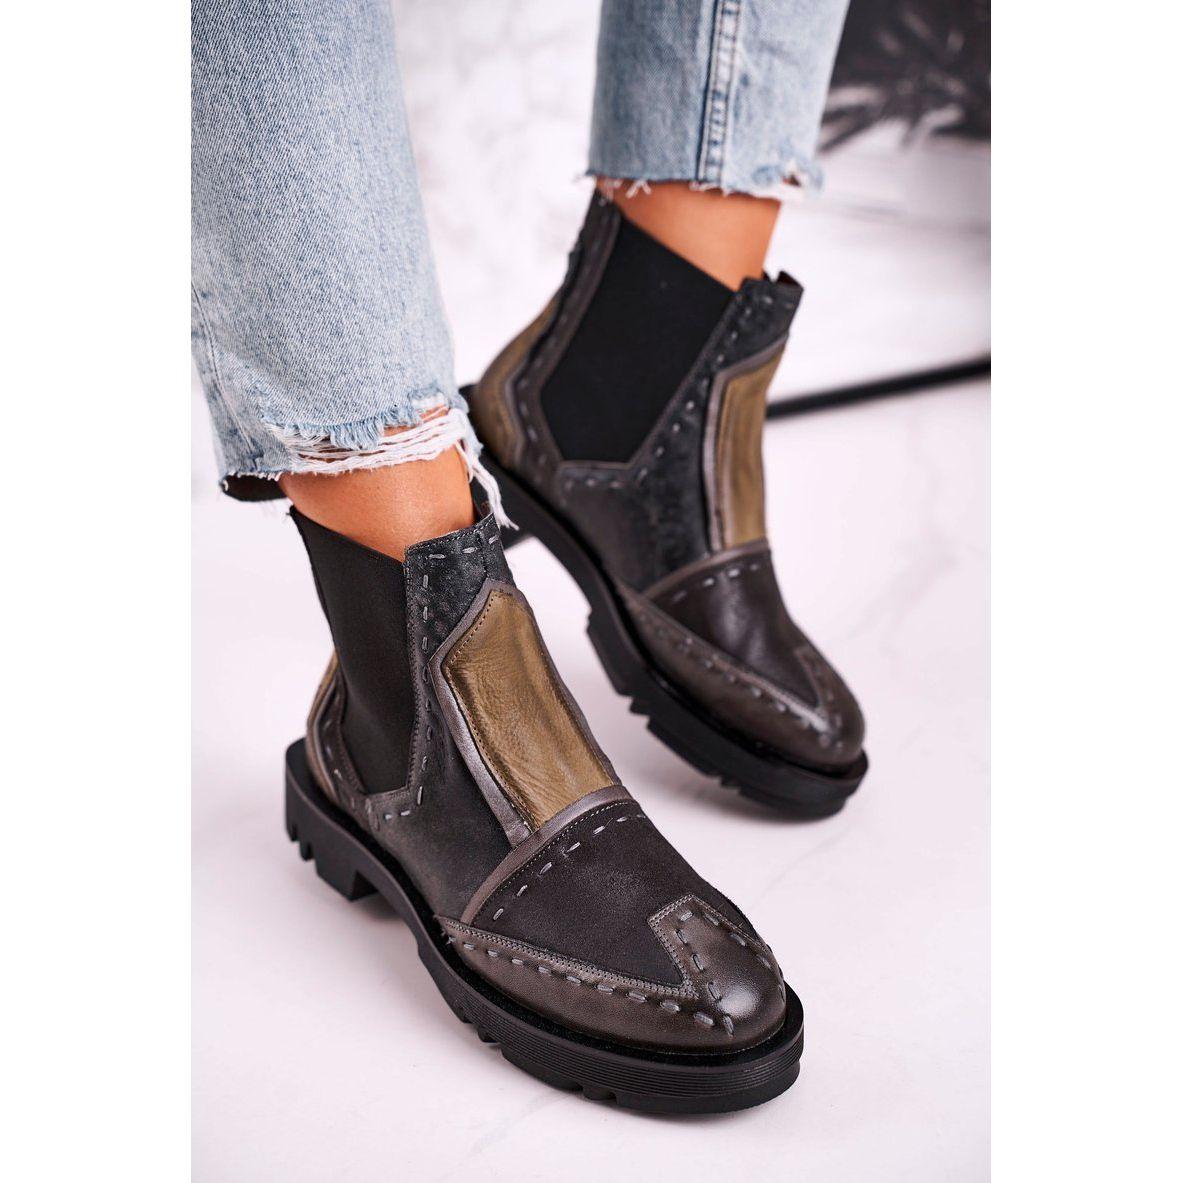 Botki Damskie Skorzane Sztyblety Maciejka Szare 04634 03 Bezowy Brazowe Chelsea Boots Ankle Boot Boots